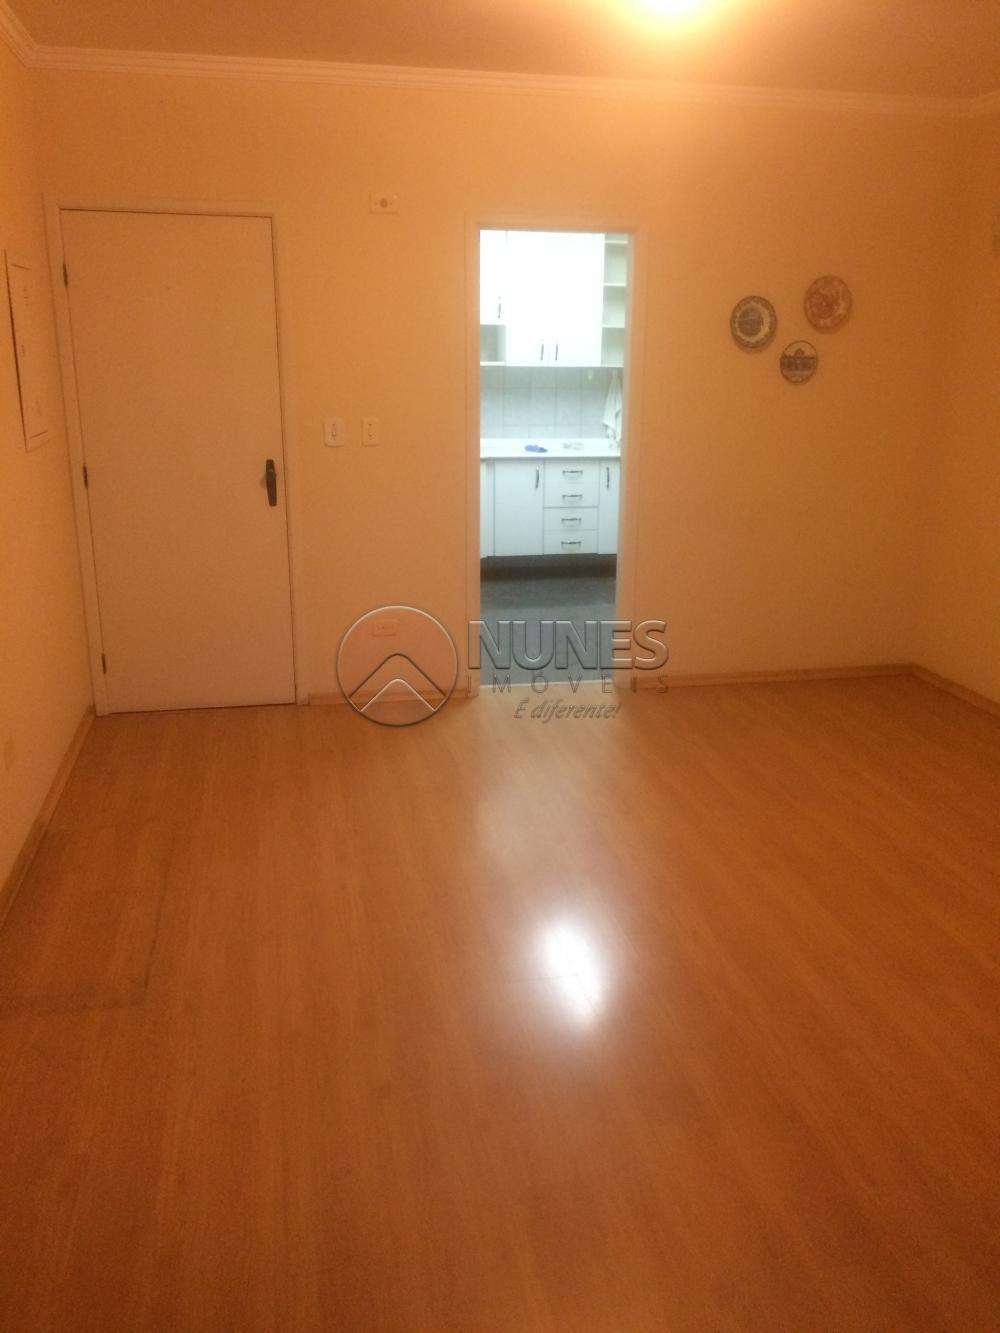 Comprar Apartamento / Padrão em Osasco R$ 450.000,00 - Foto 3